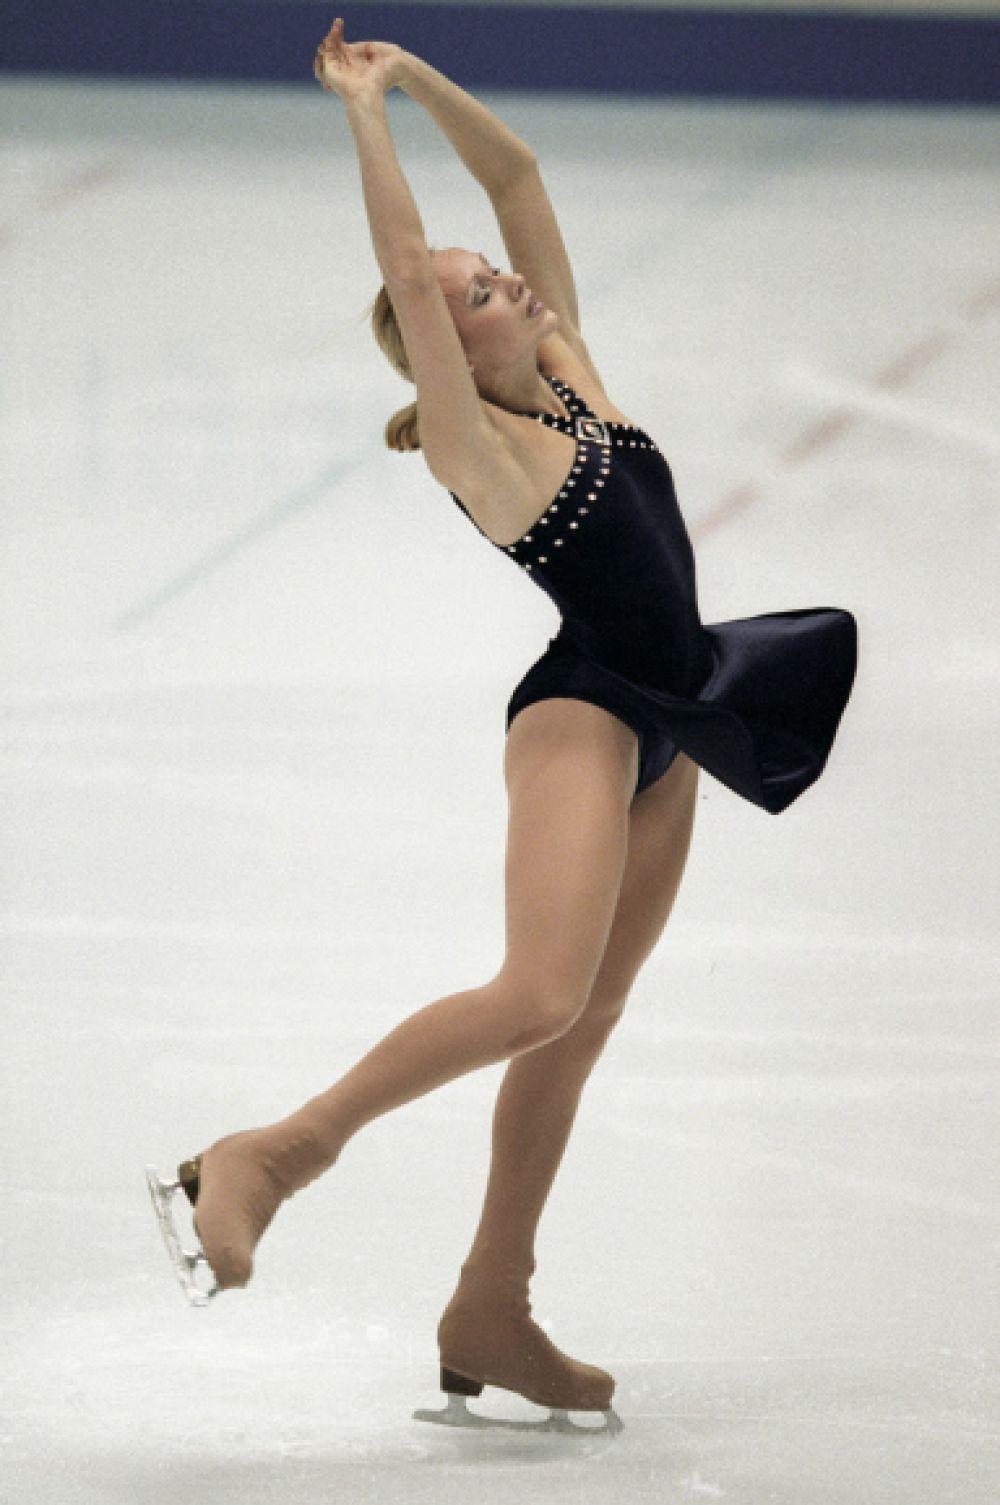 Мария Бутырская в 1999 году выиграла чемпионат мира, став первой победительницей этих соревнований в постсоветской России.